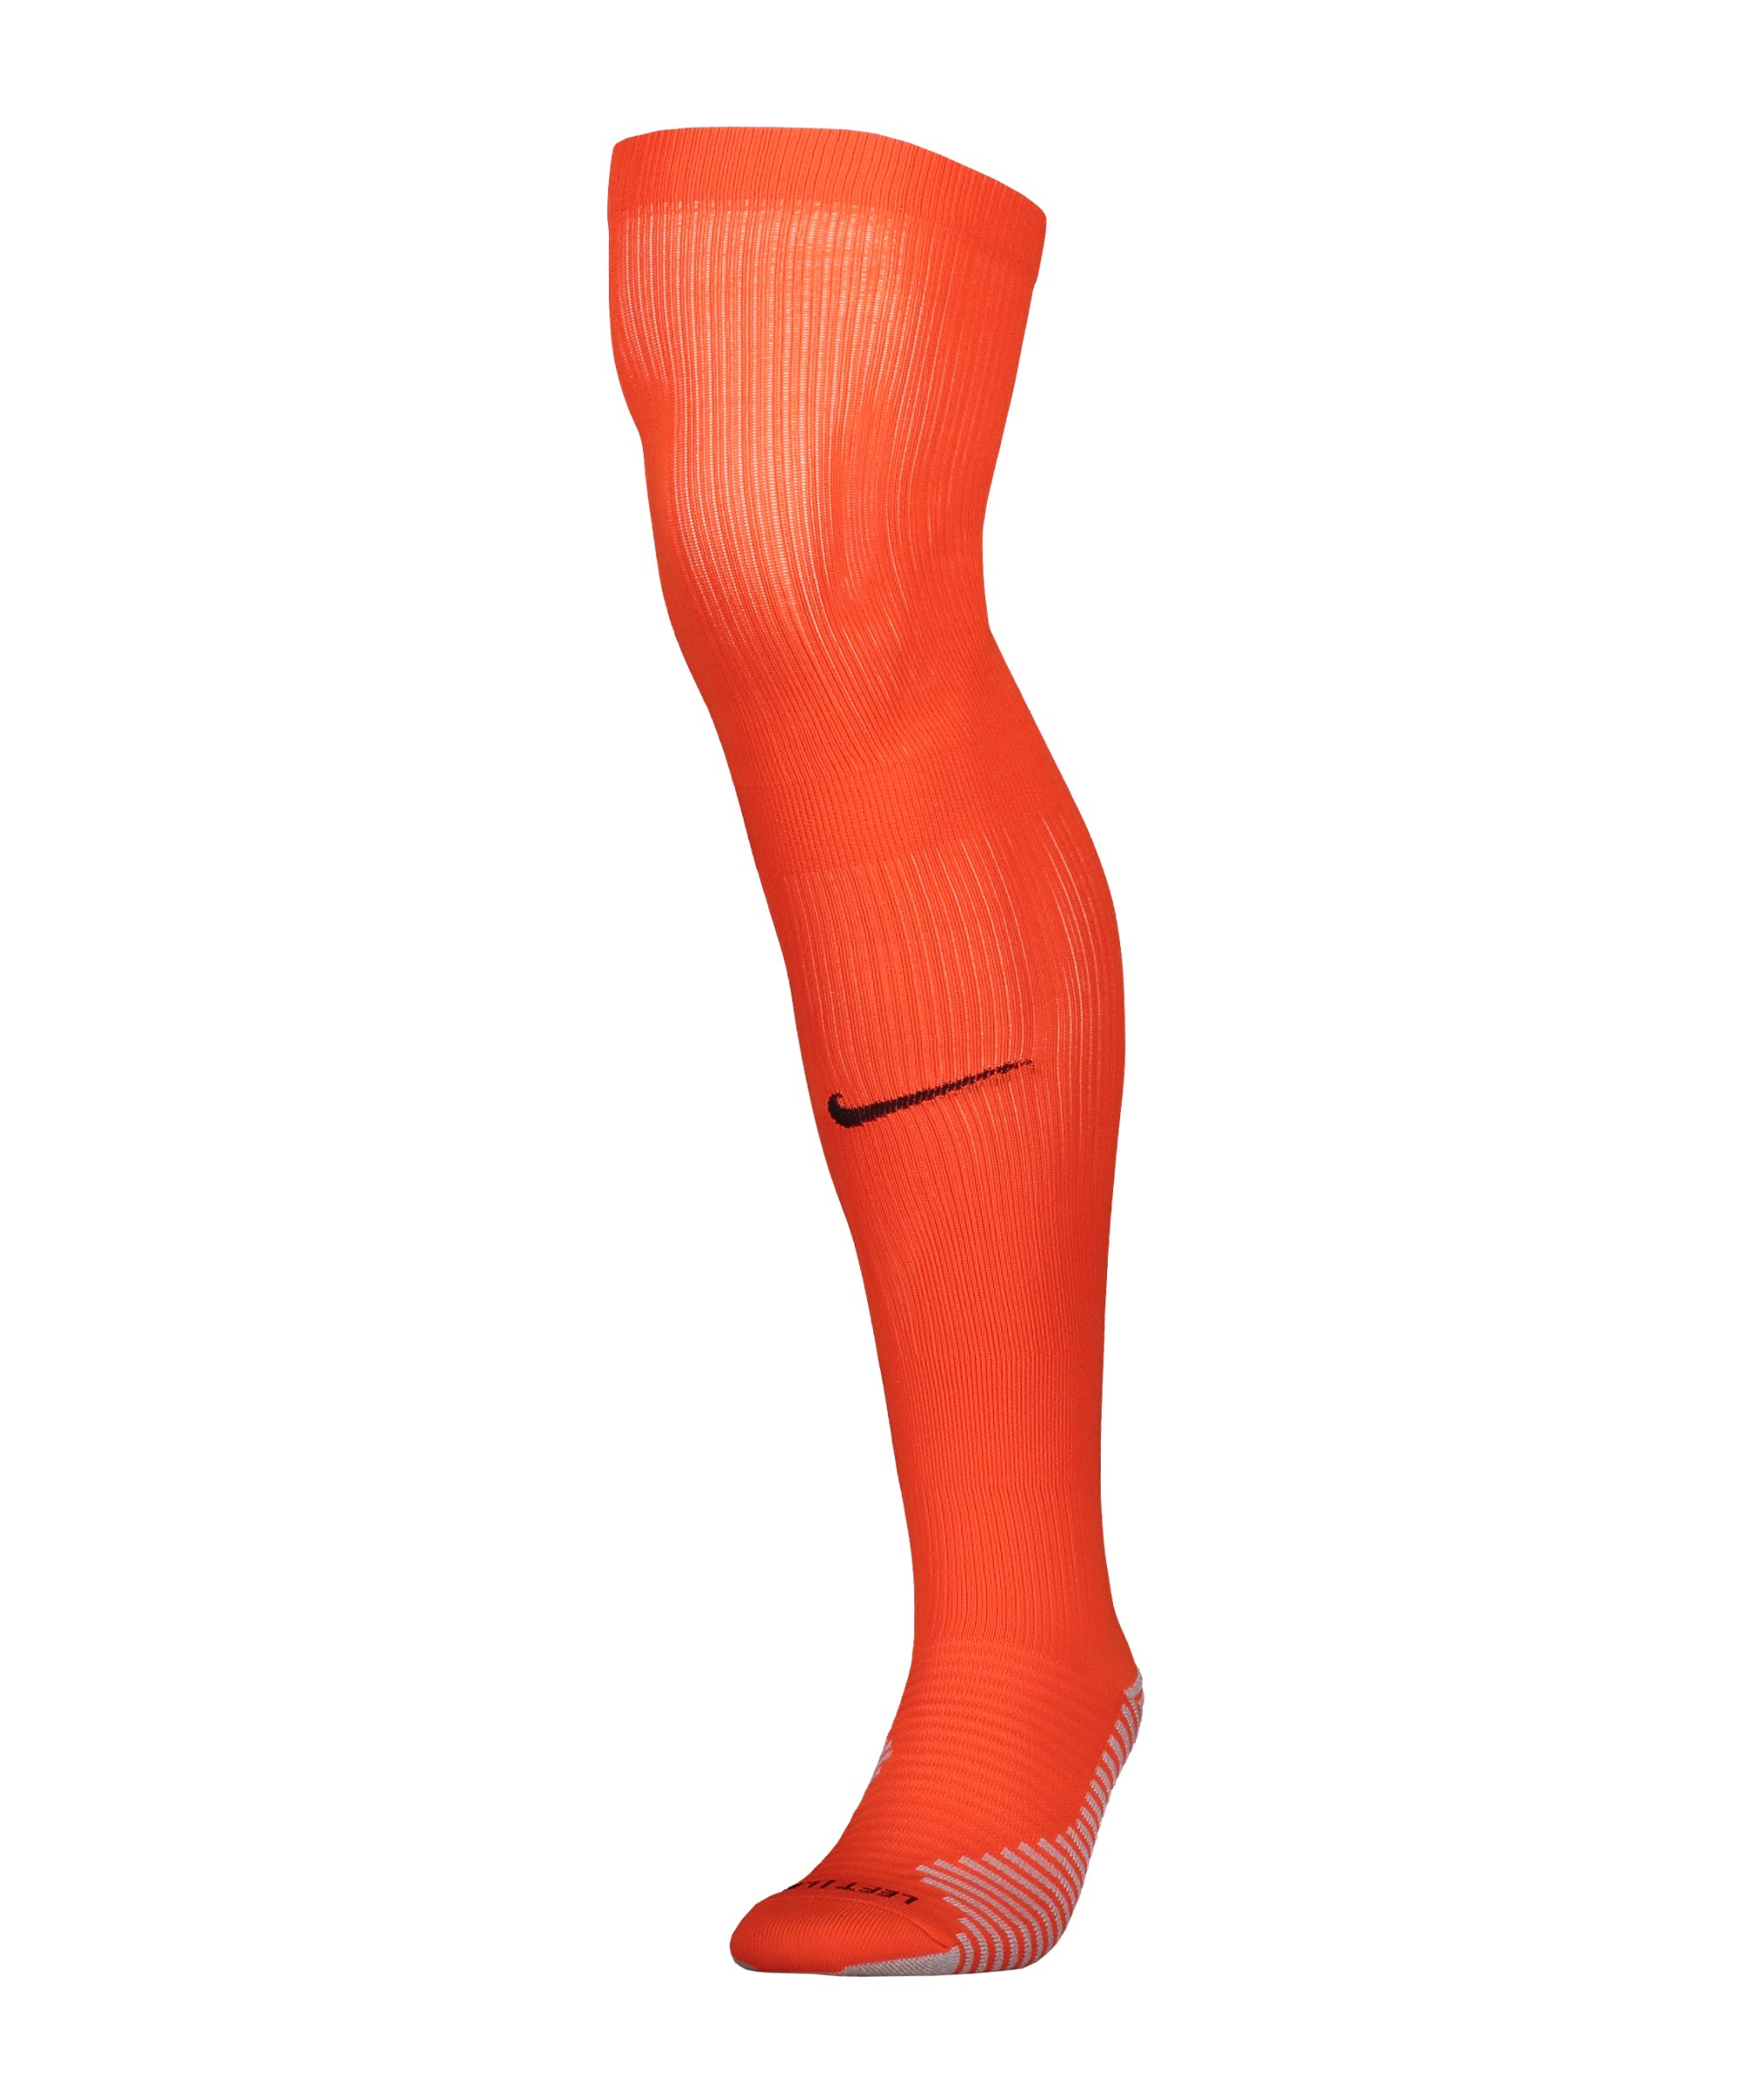 Nike Stadium TW-Strumpfstutzen Orange F891 - orange